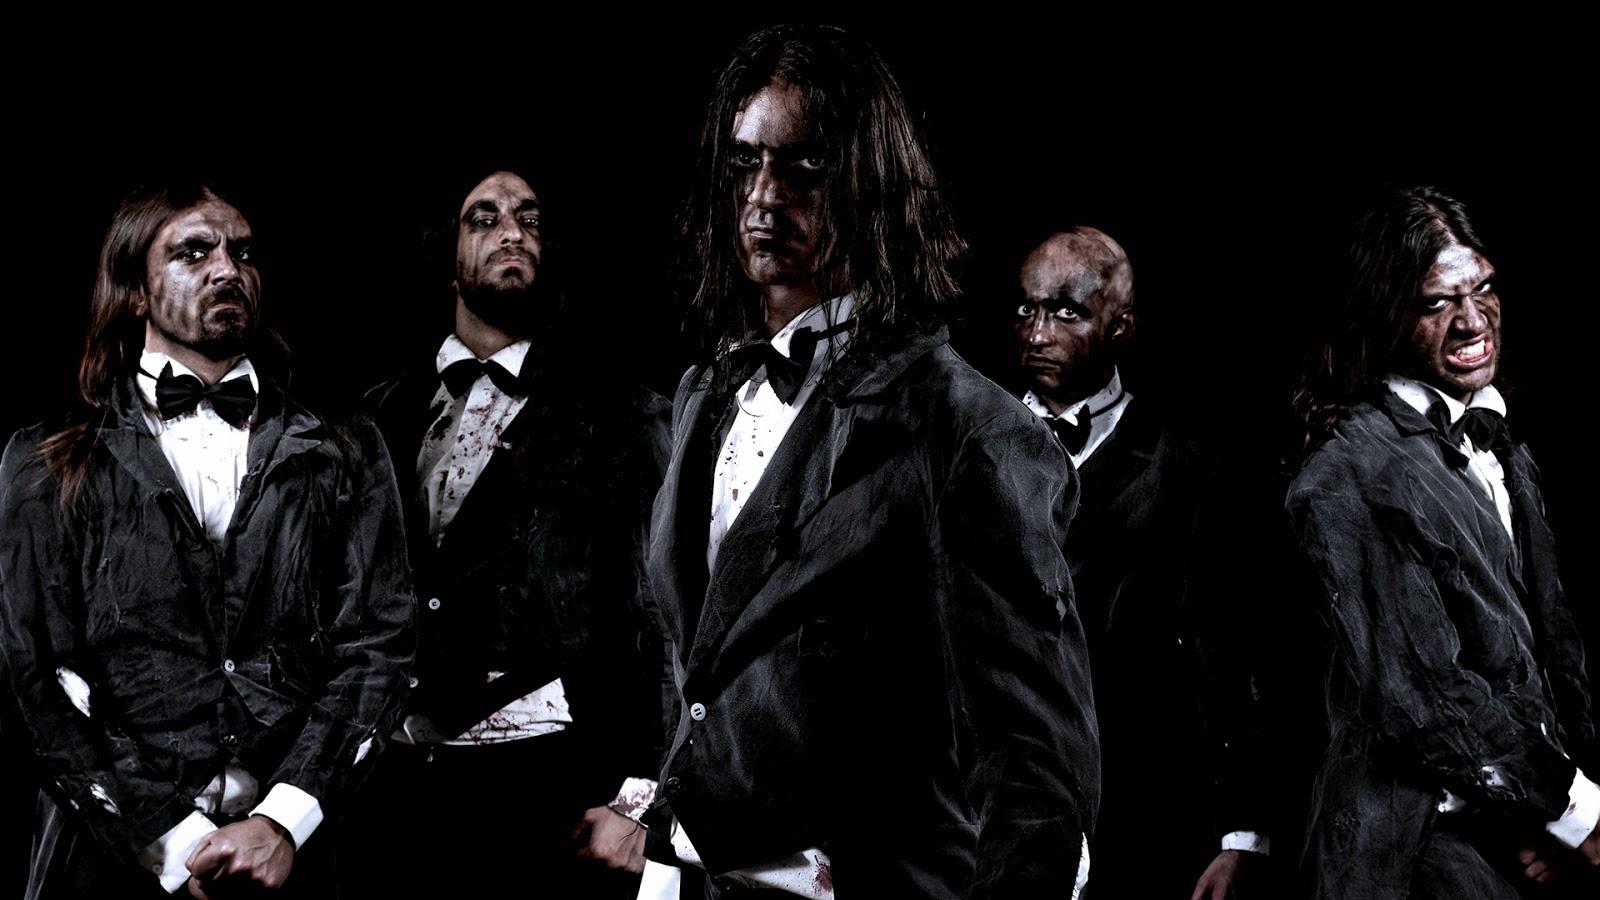 Fleshgod Apocalypse - band